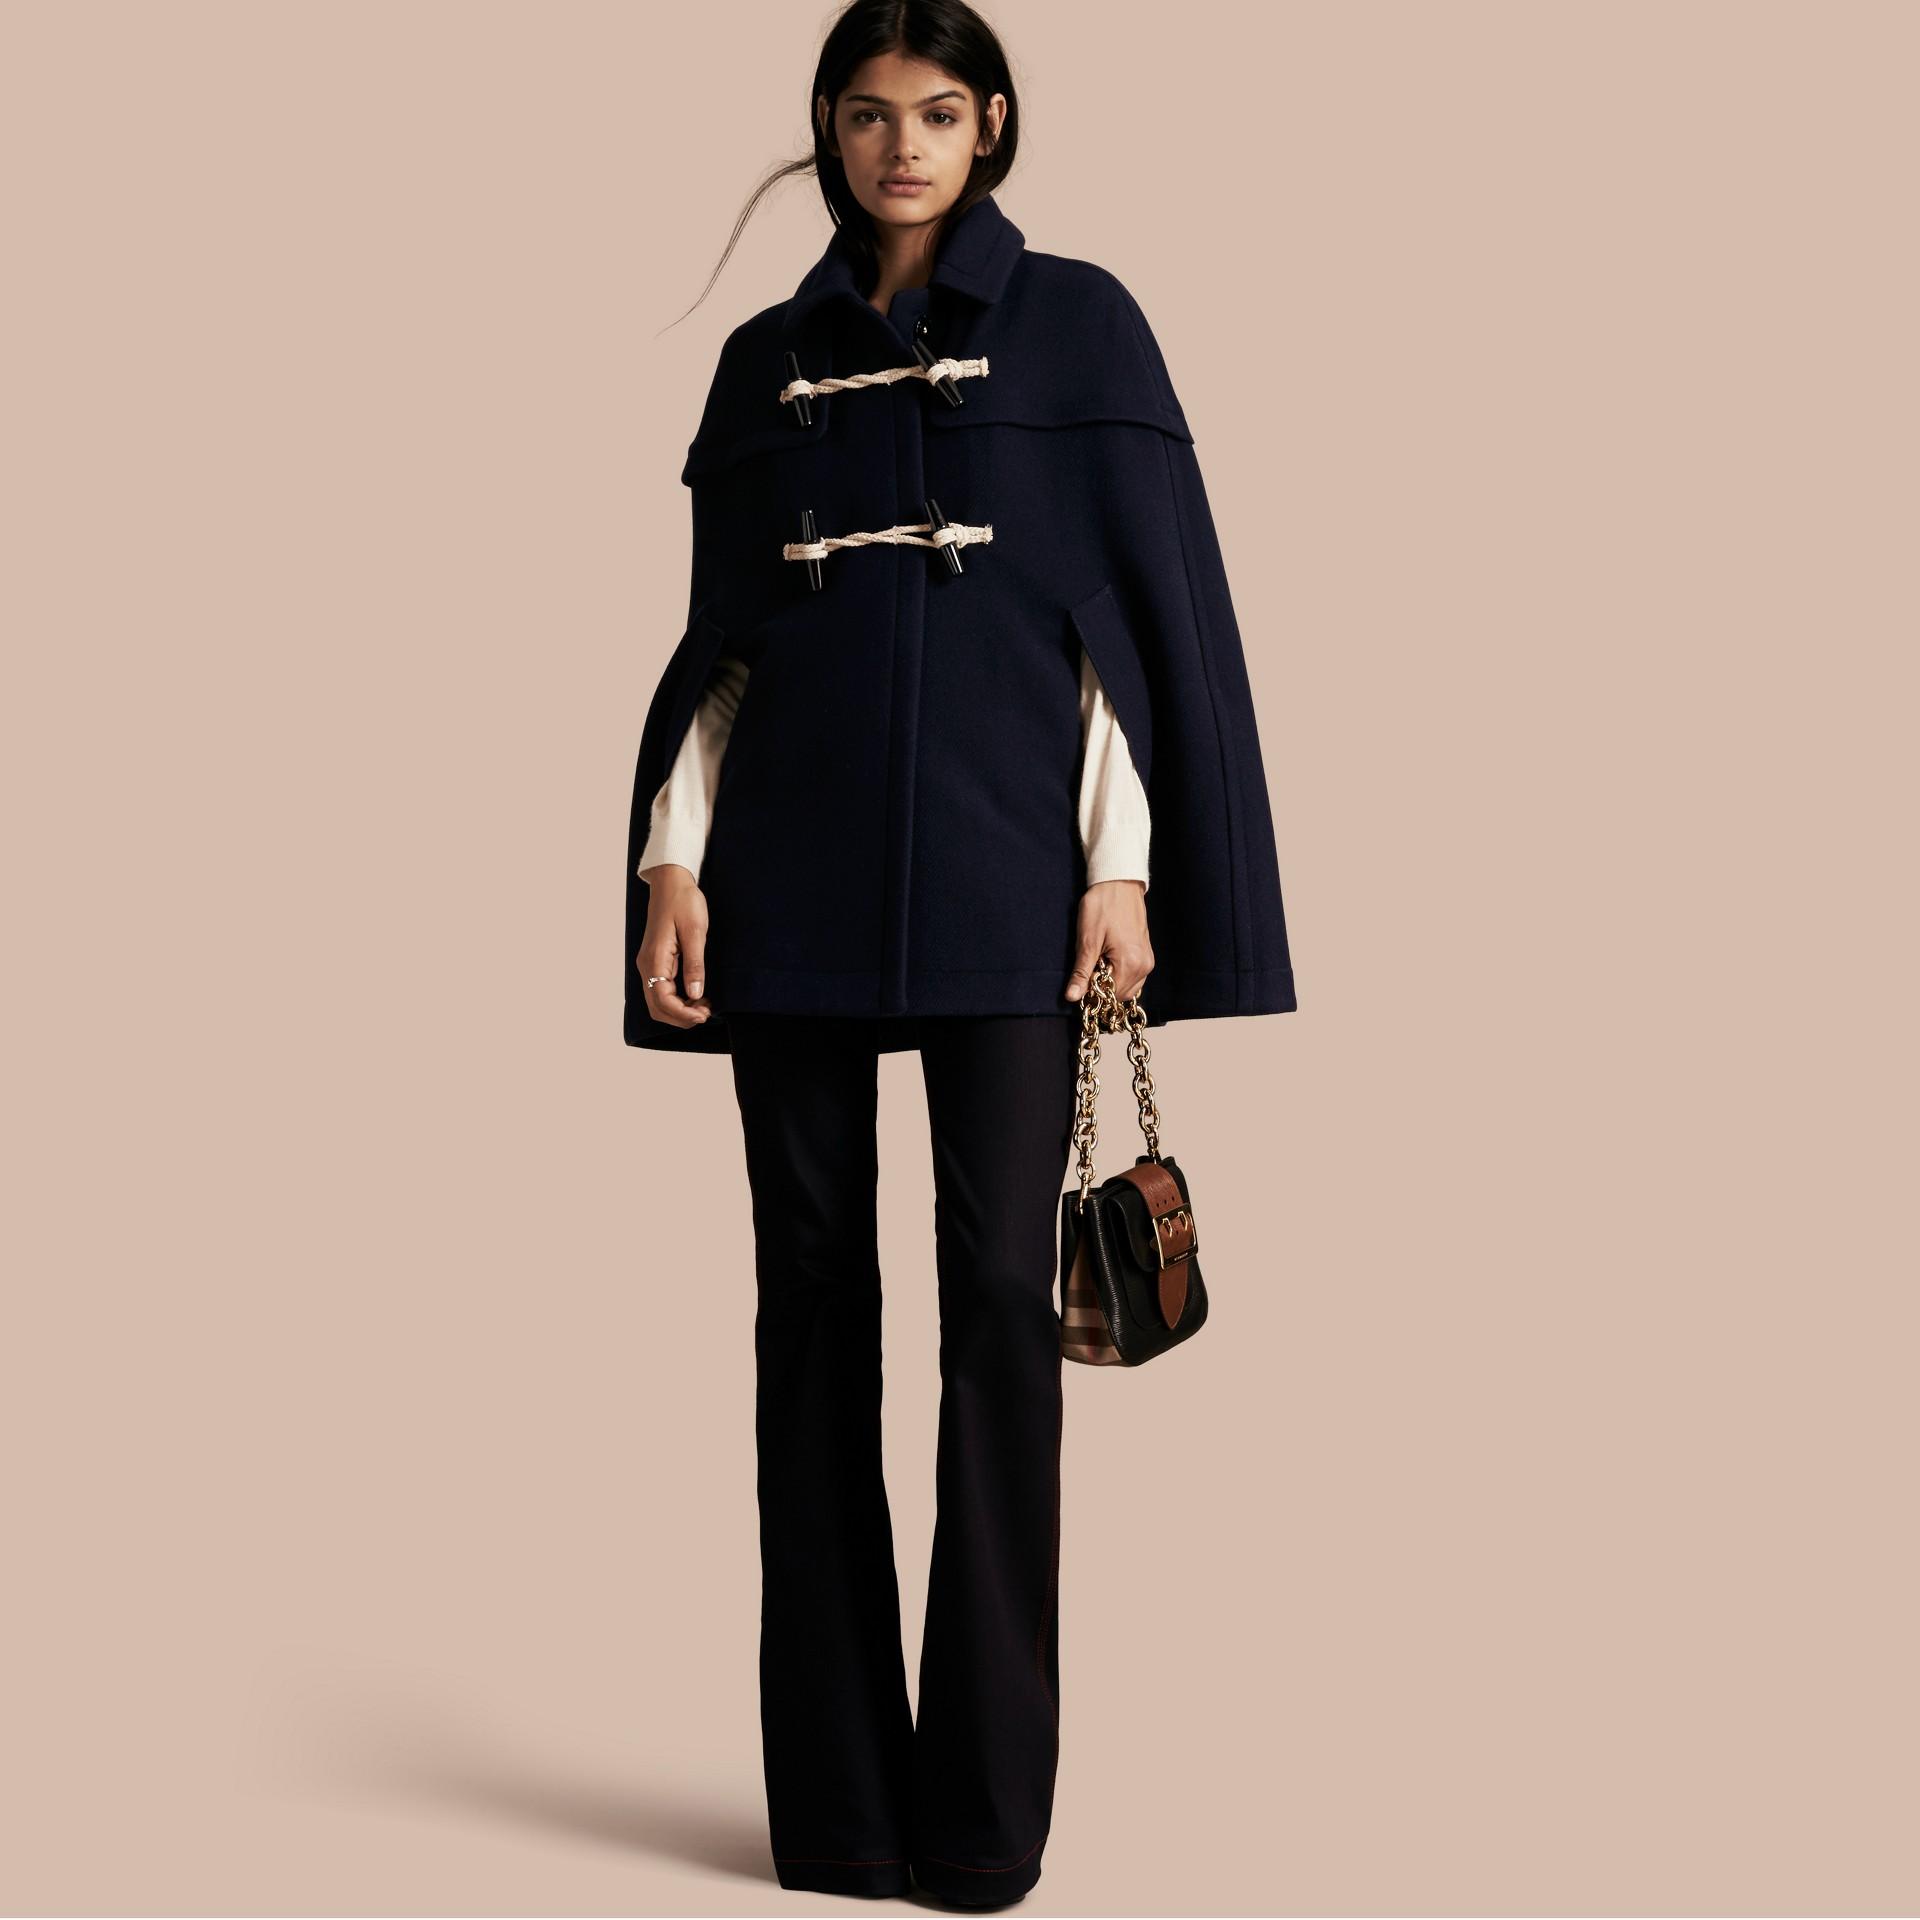 Navy Cappotto a mantella in lana e cashmere Navy - immagine della galleria 1